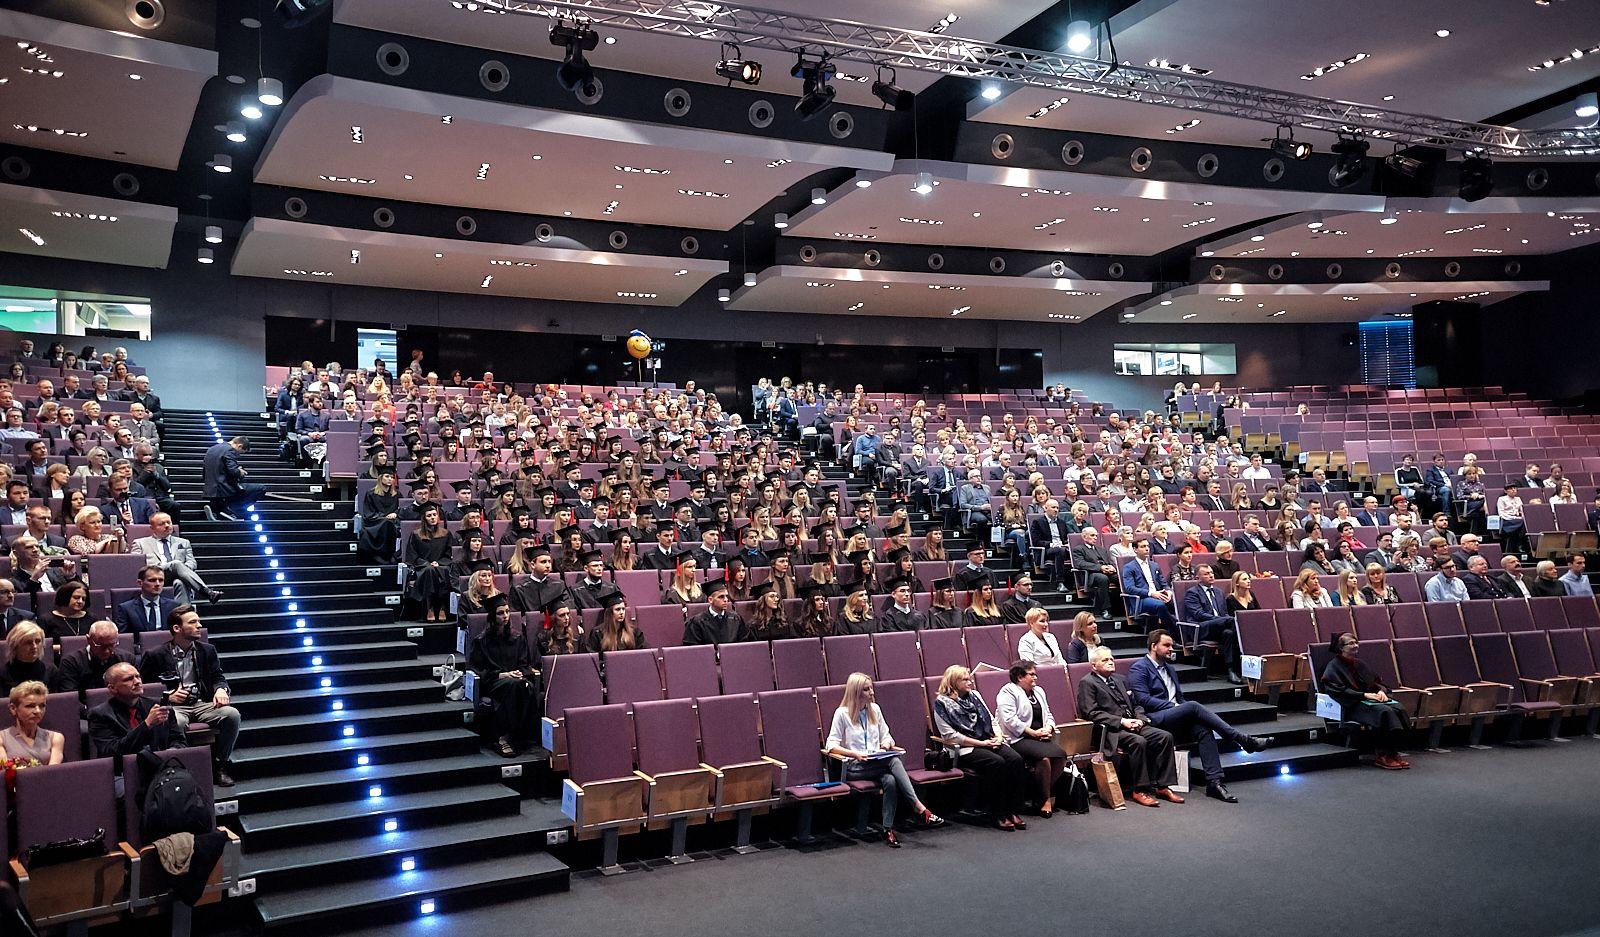 Łódź: dyplomy (i nie tylko) rozdane